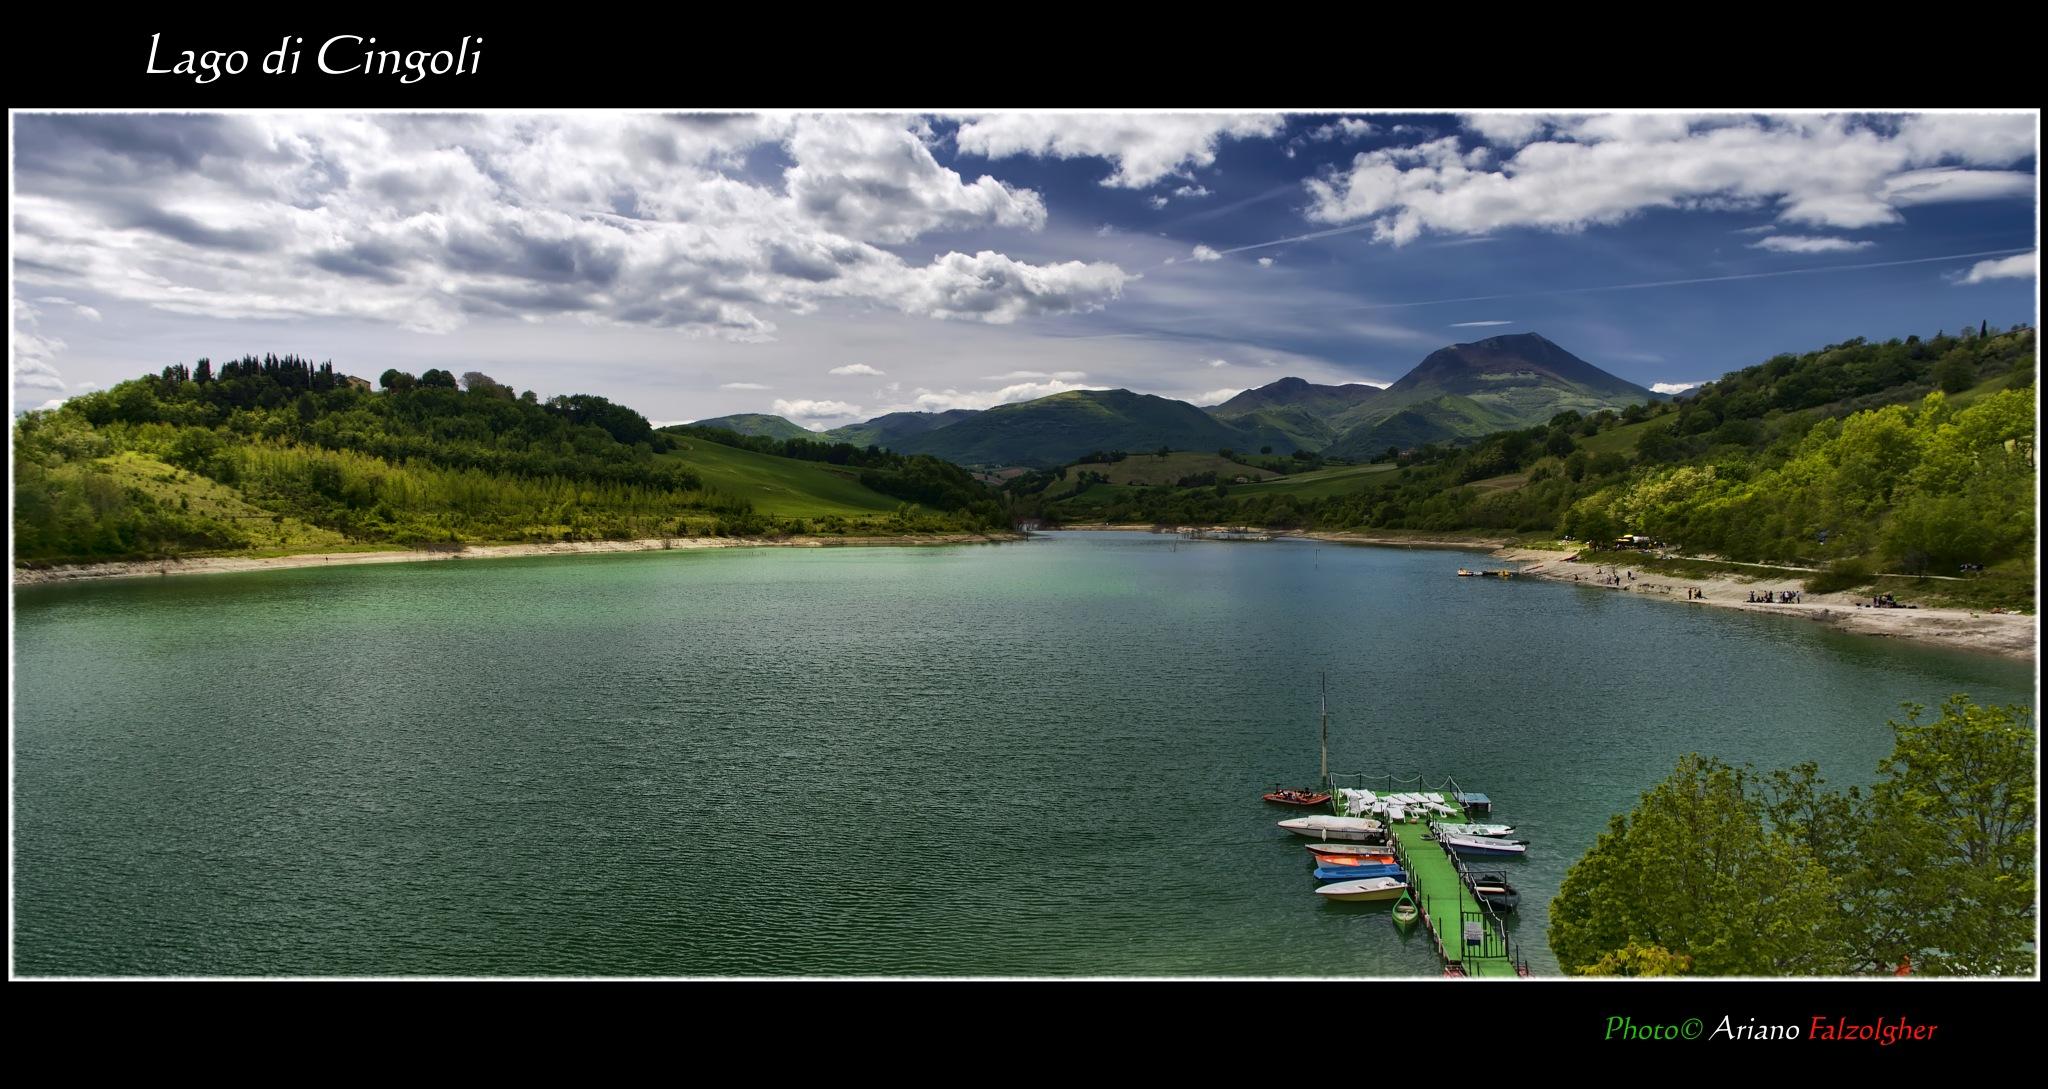 Lago di Cingoli by Ariano Falzolgher